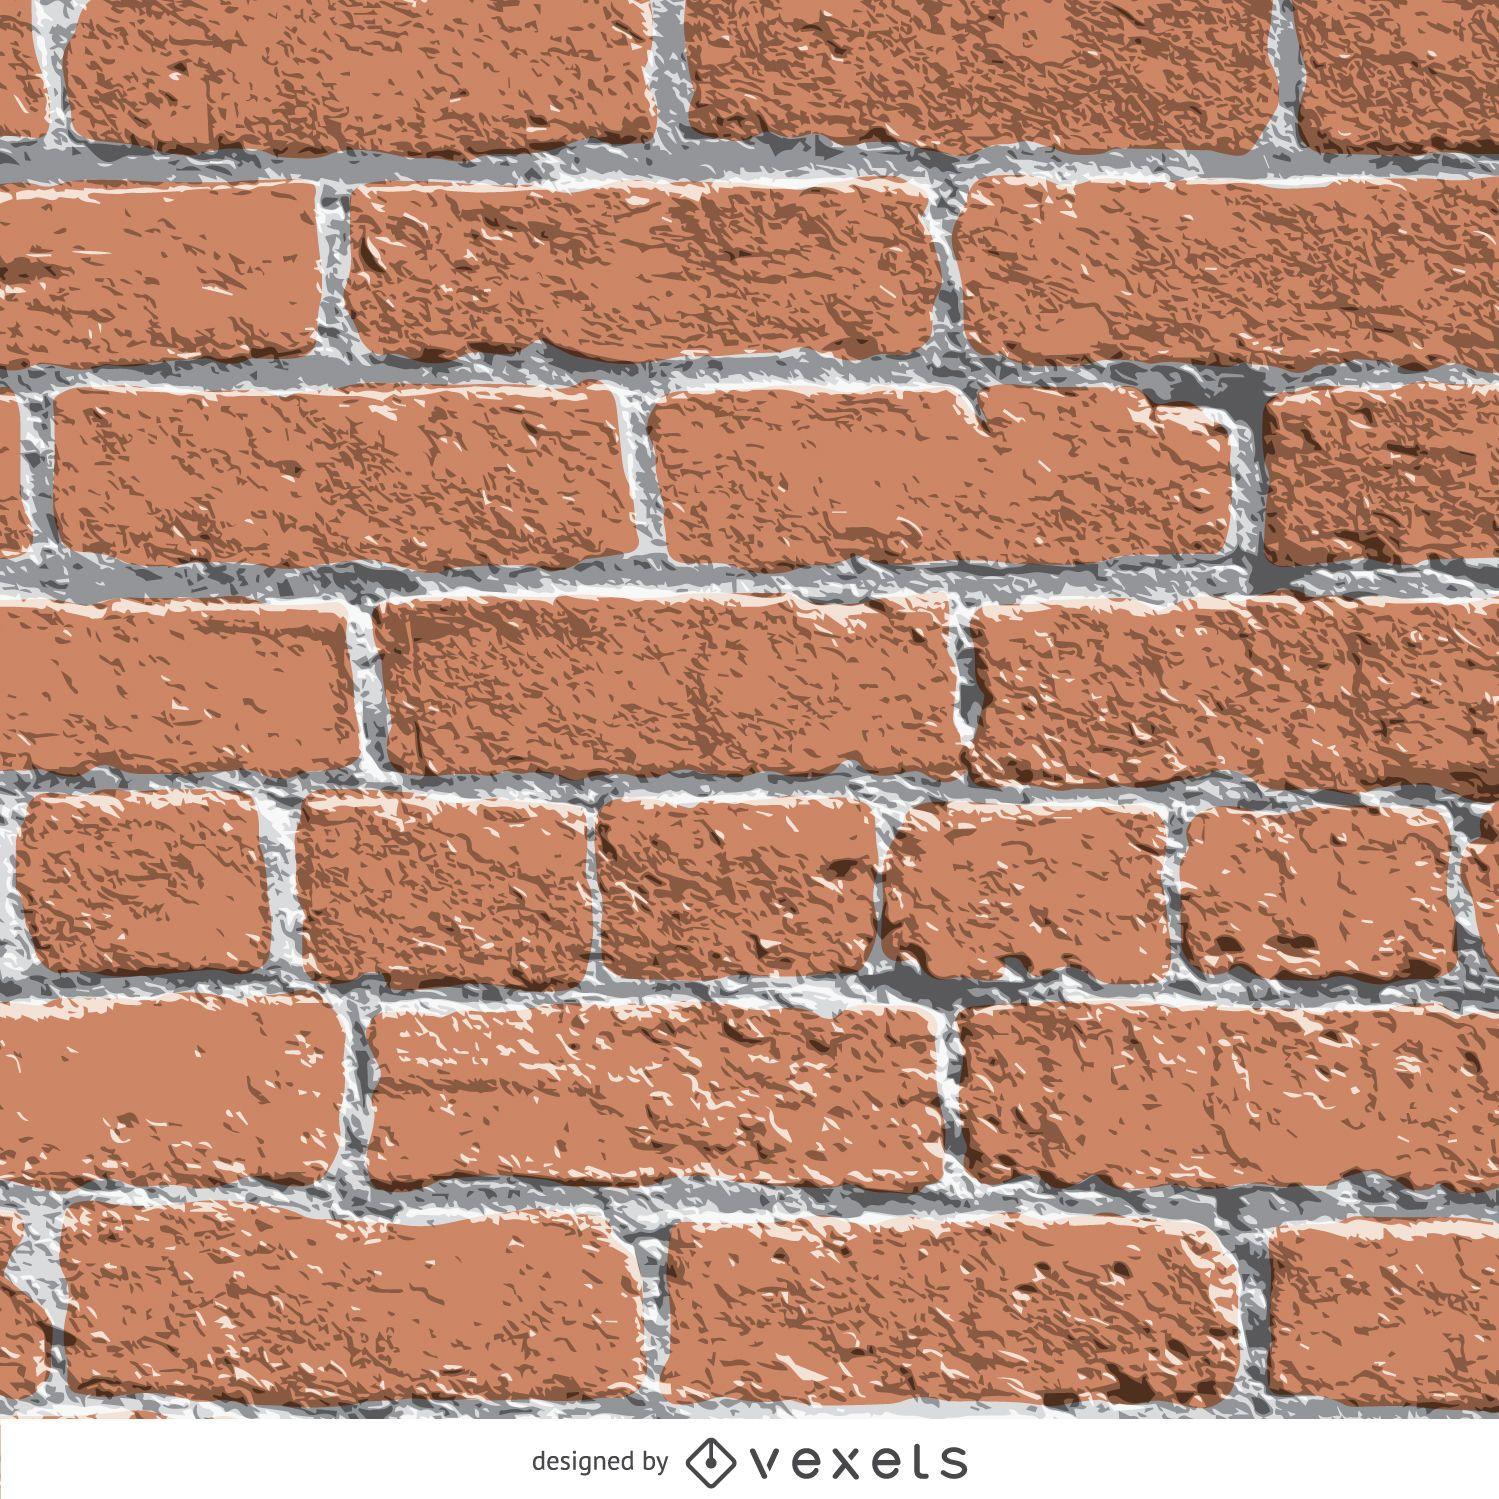 Textura de la pared de ladrillo realista descargar vector - Ladrillos para pared ...